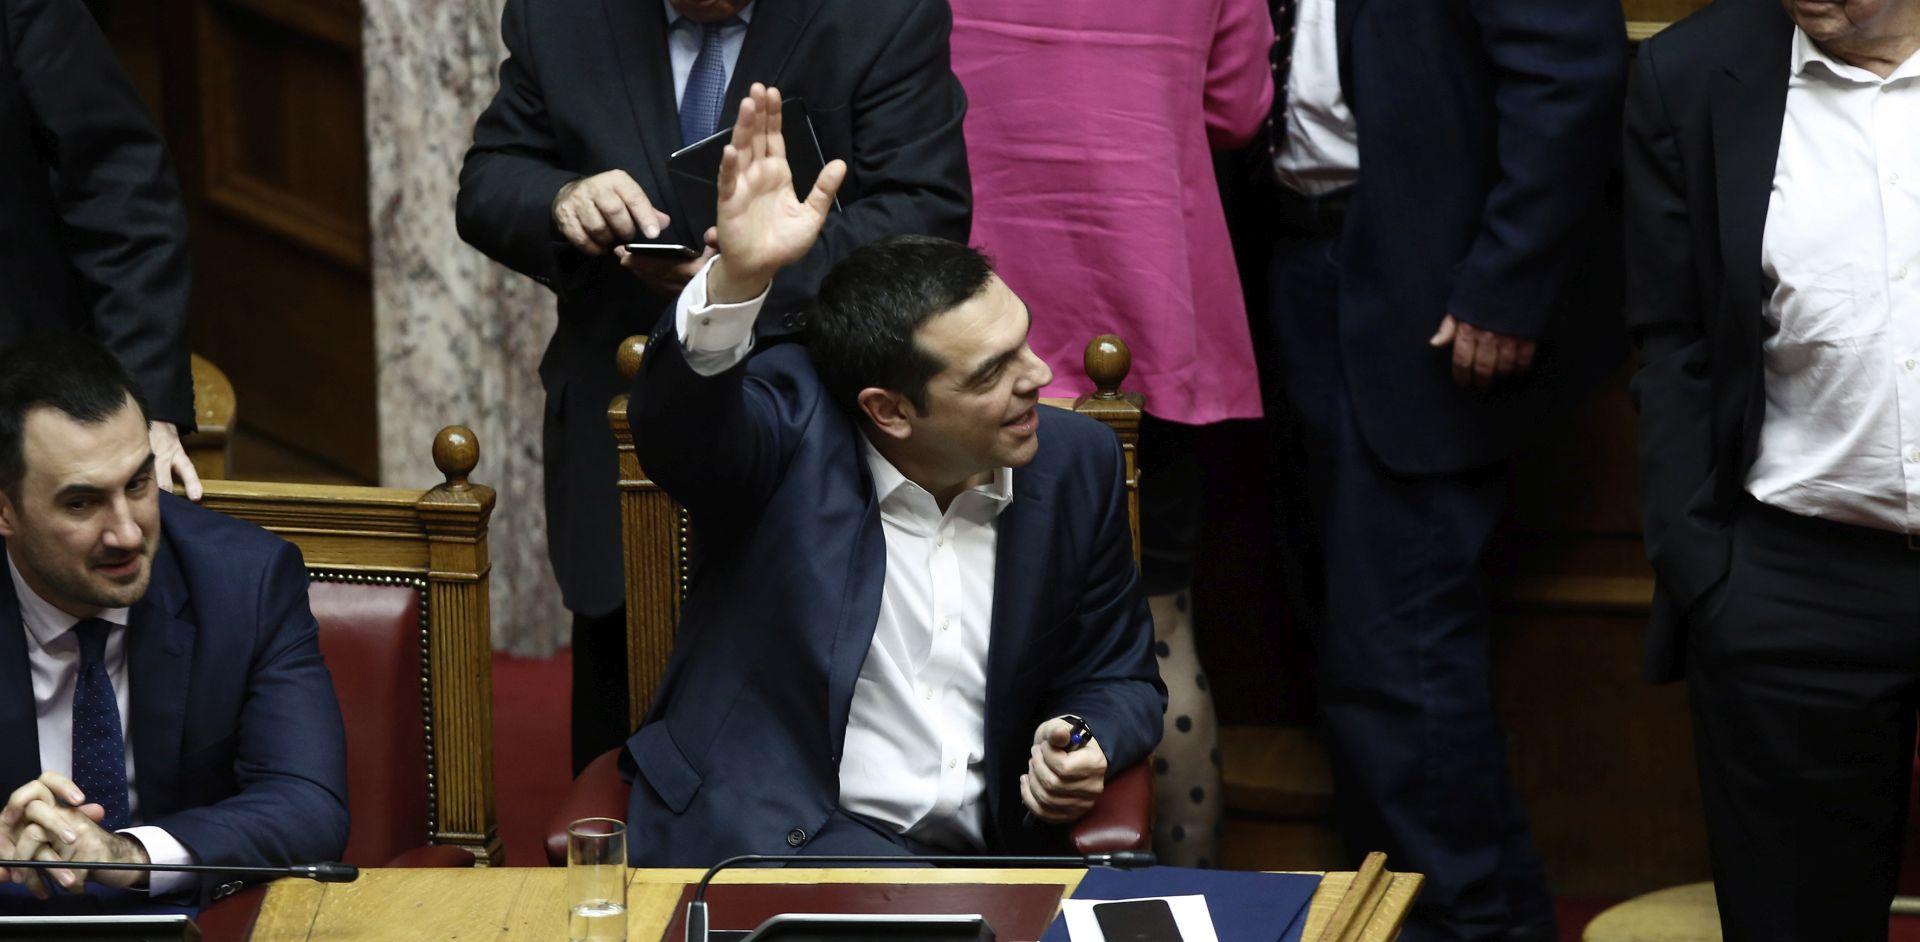 Grčki parlament u večeras glasa o Sjevernoj Makedoniji